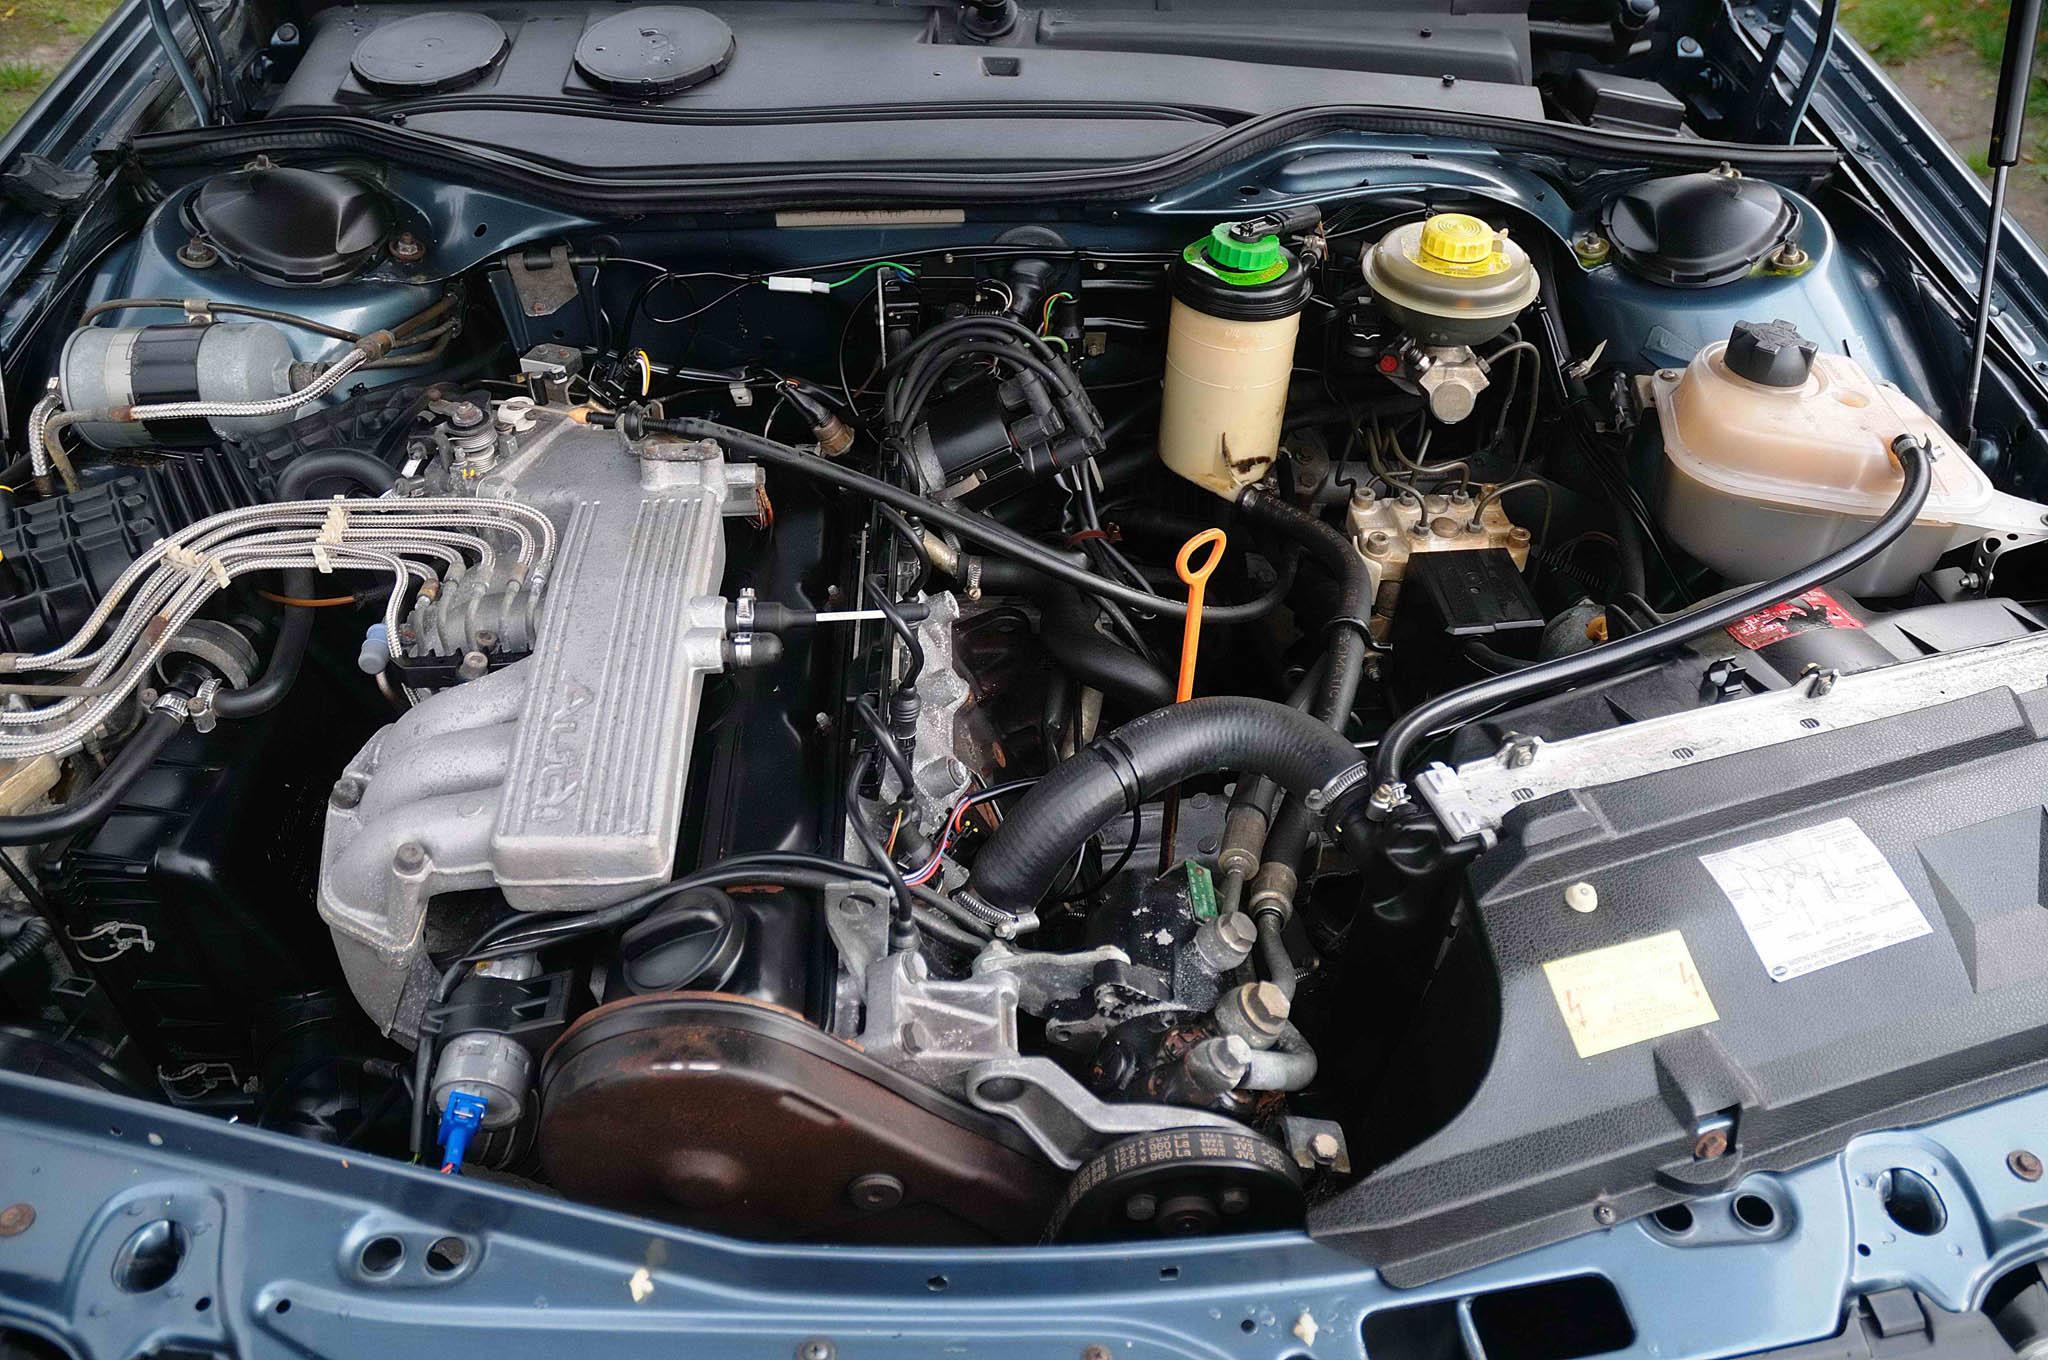 Audi 100 C3 1990 - 12999 PLN - Zduńska Wola - Giełda klasyków